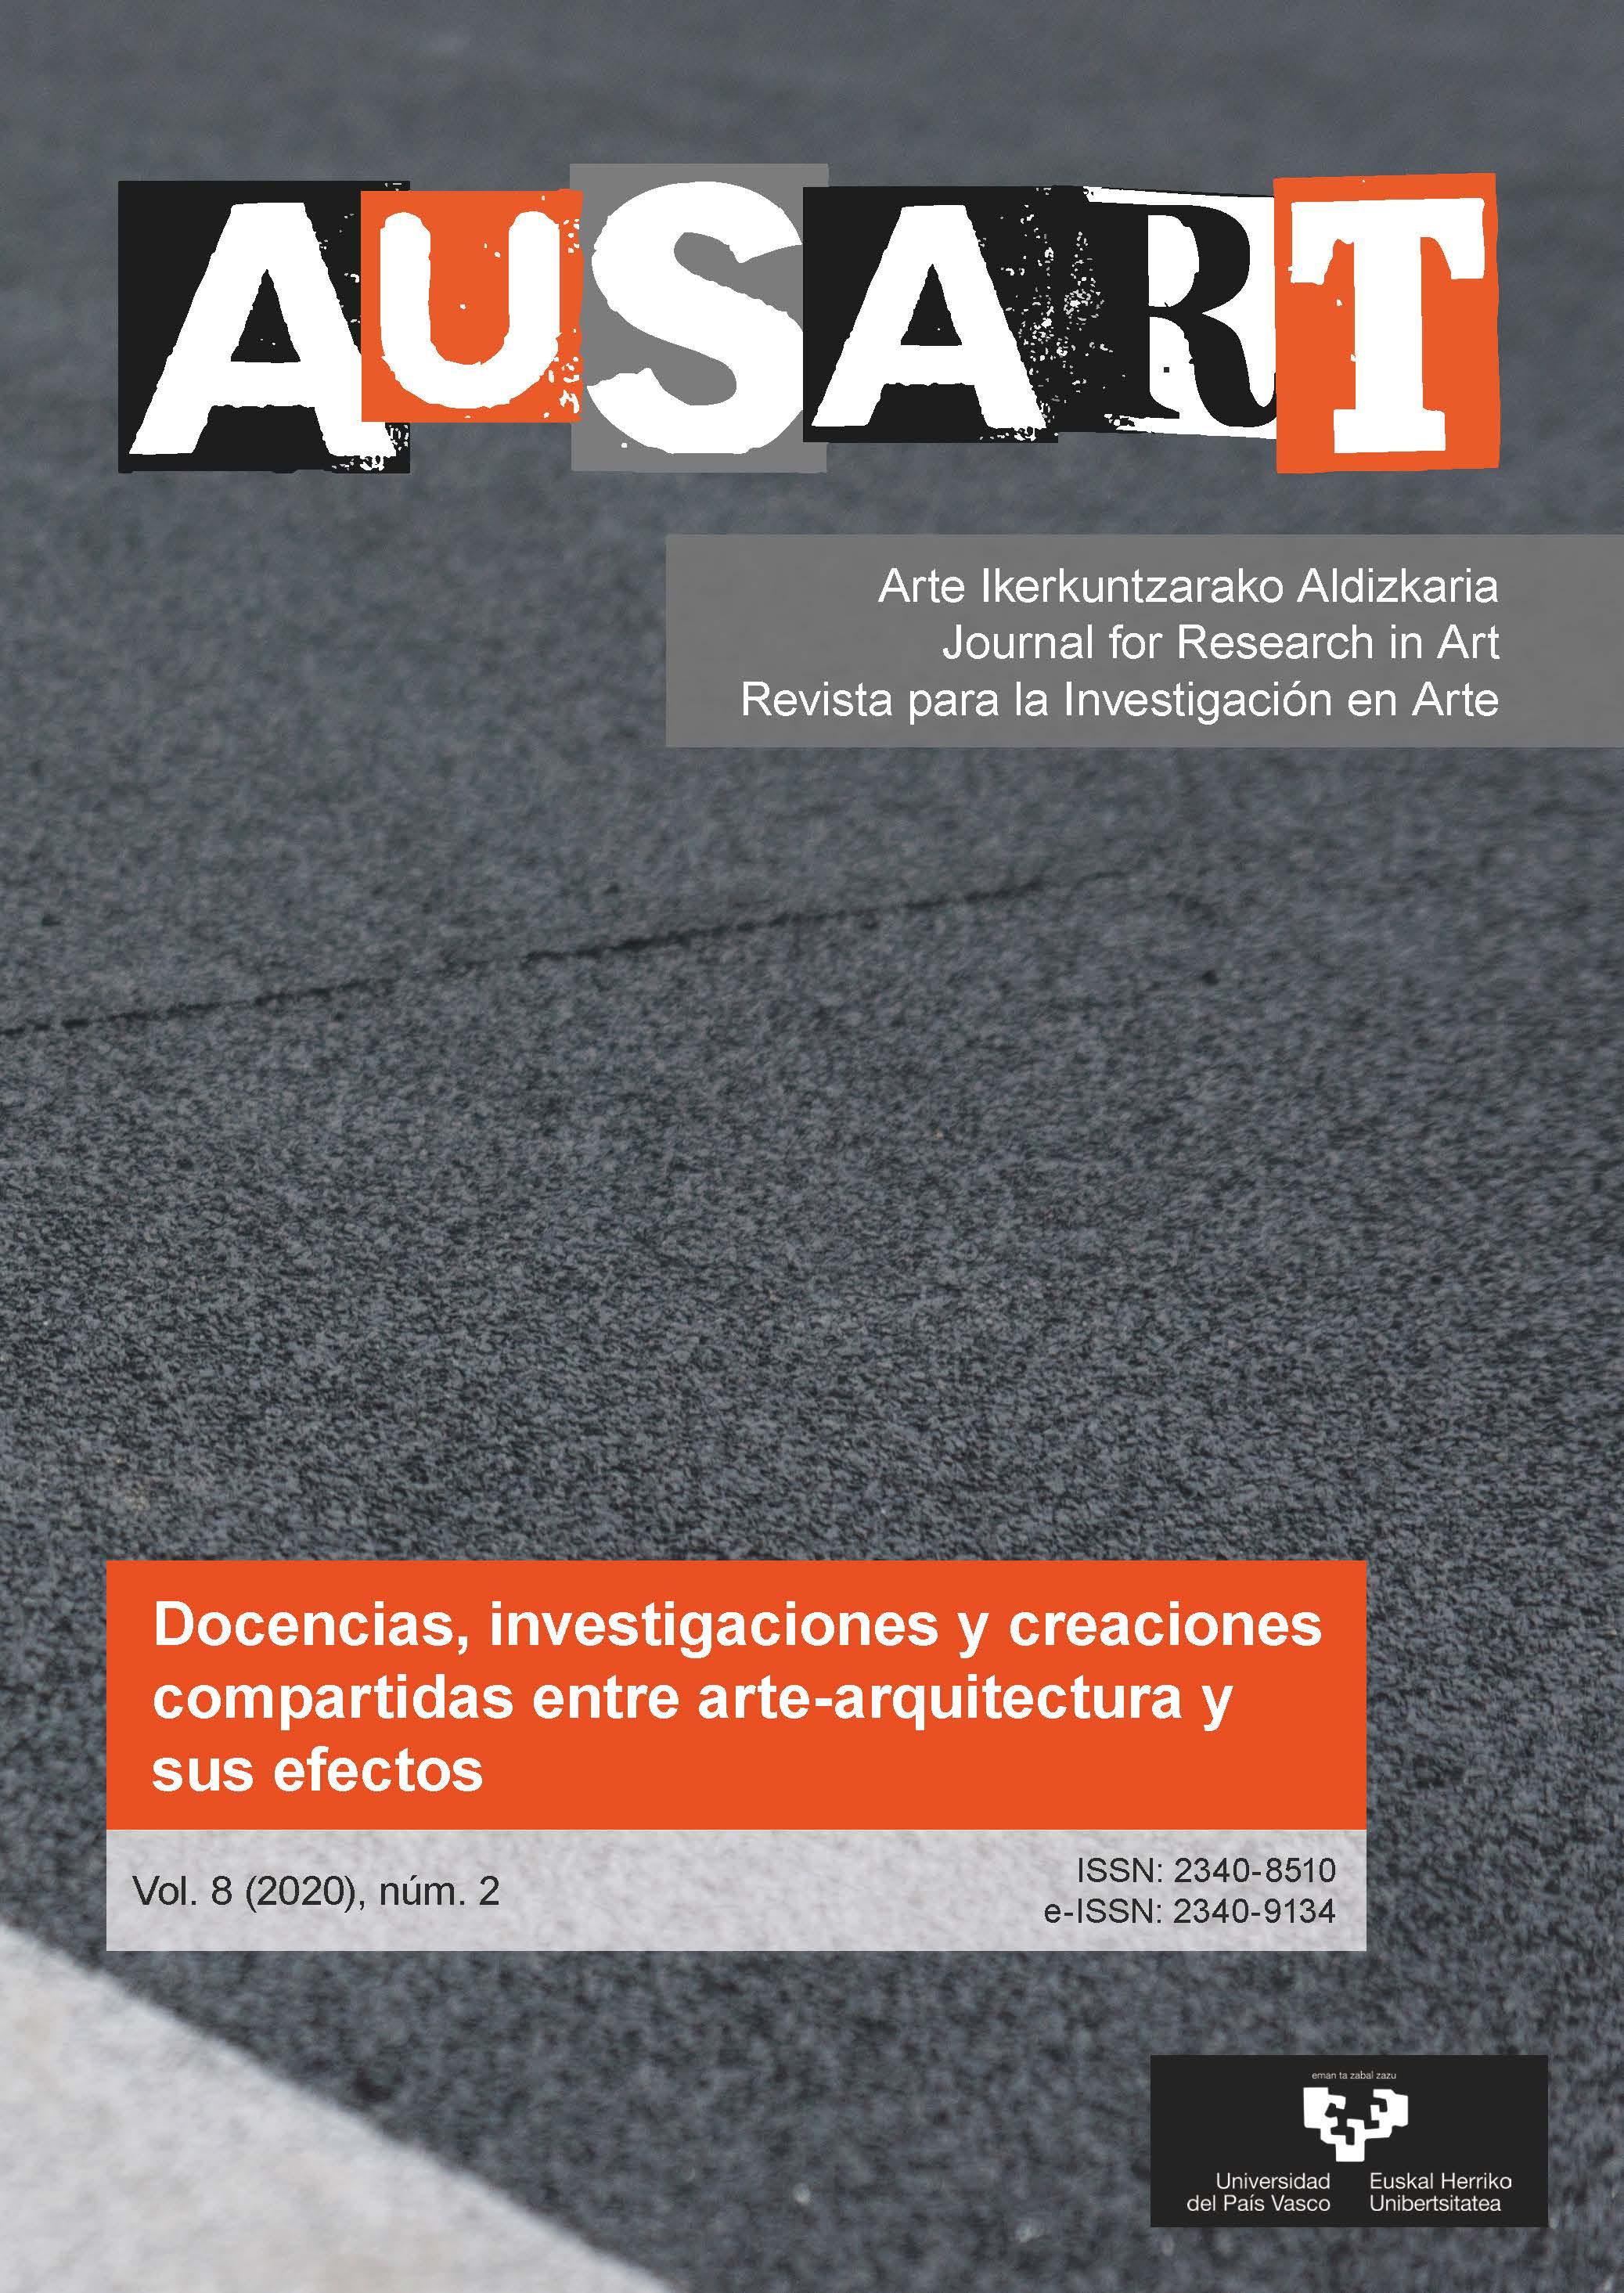 Portada AusArt vol. 8, número 2 (2020)